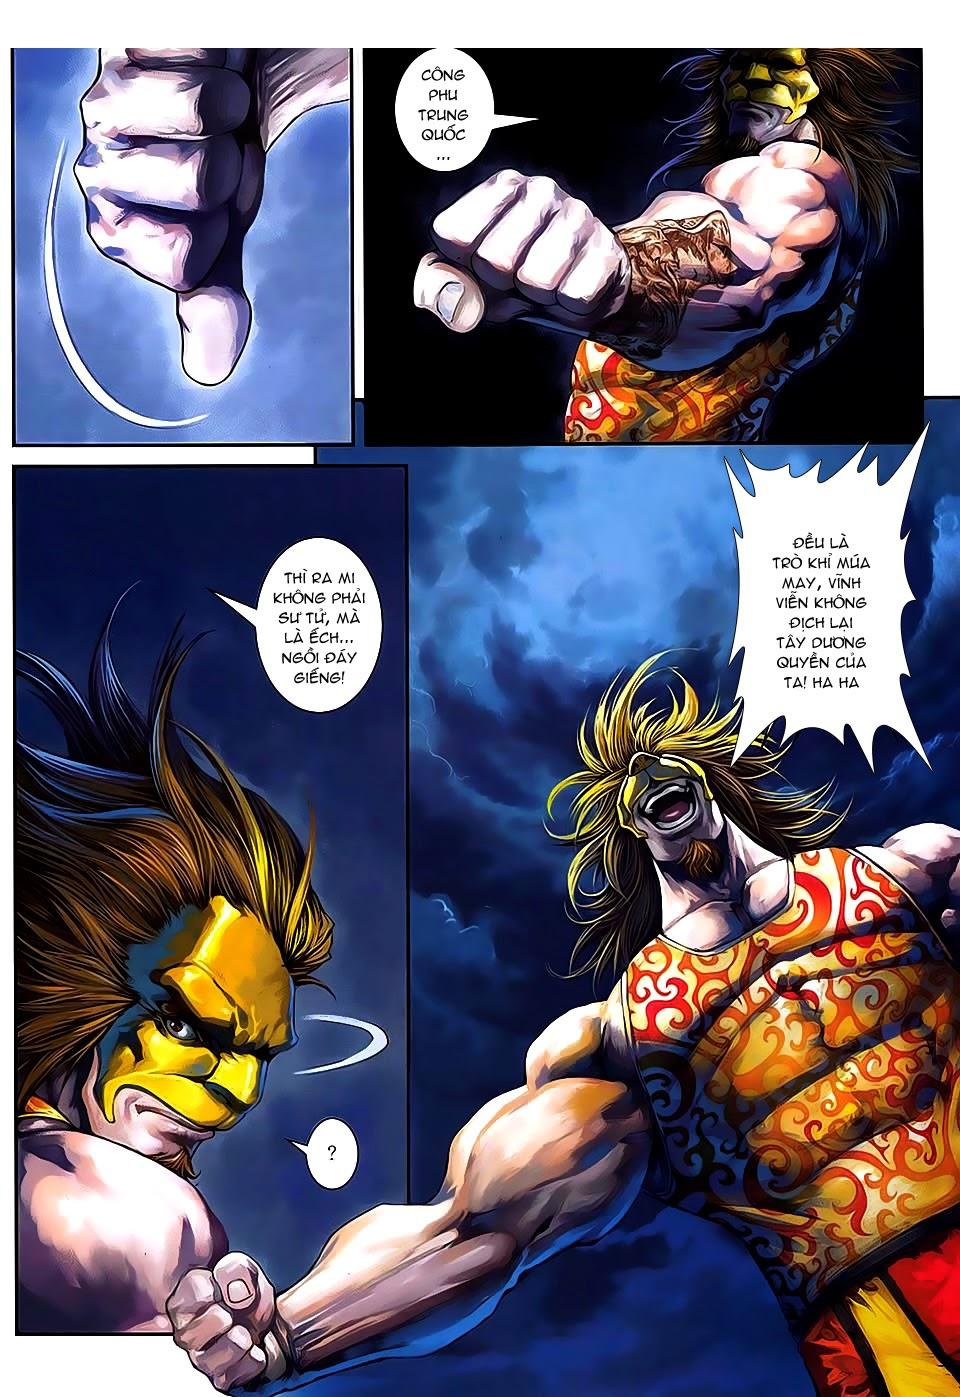 Quyền Đạo chapter 9 trang 14